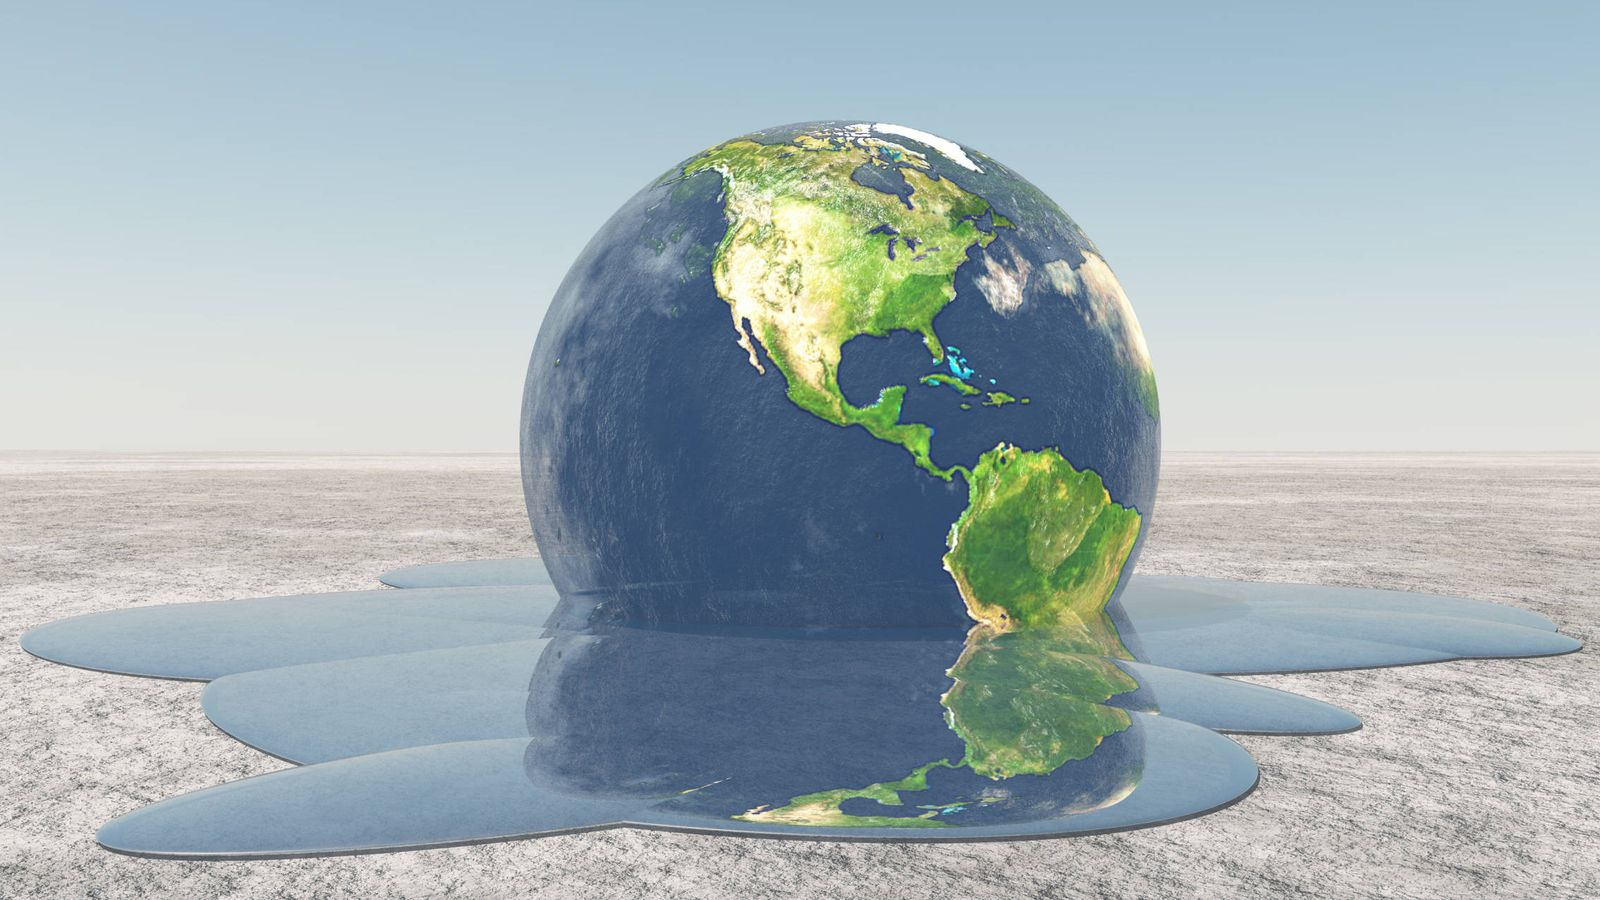 Cambio-climatico-y-contaminacion-del-aire-5-semejanzas-5-diferencias-y-5-reflexiones